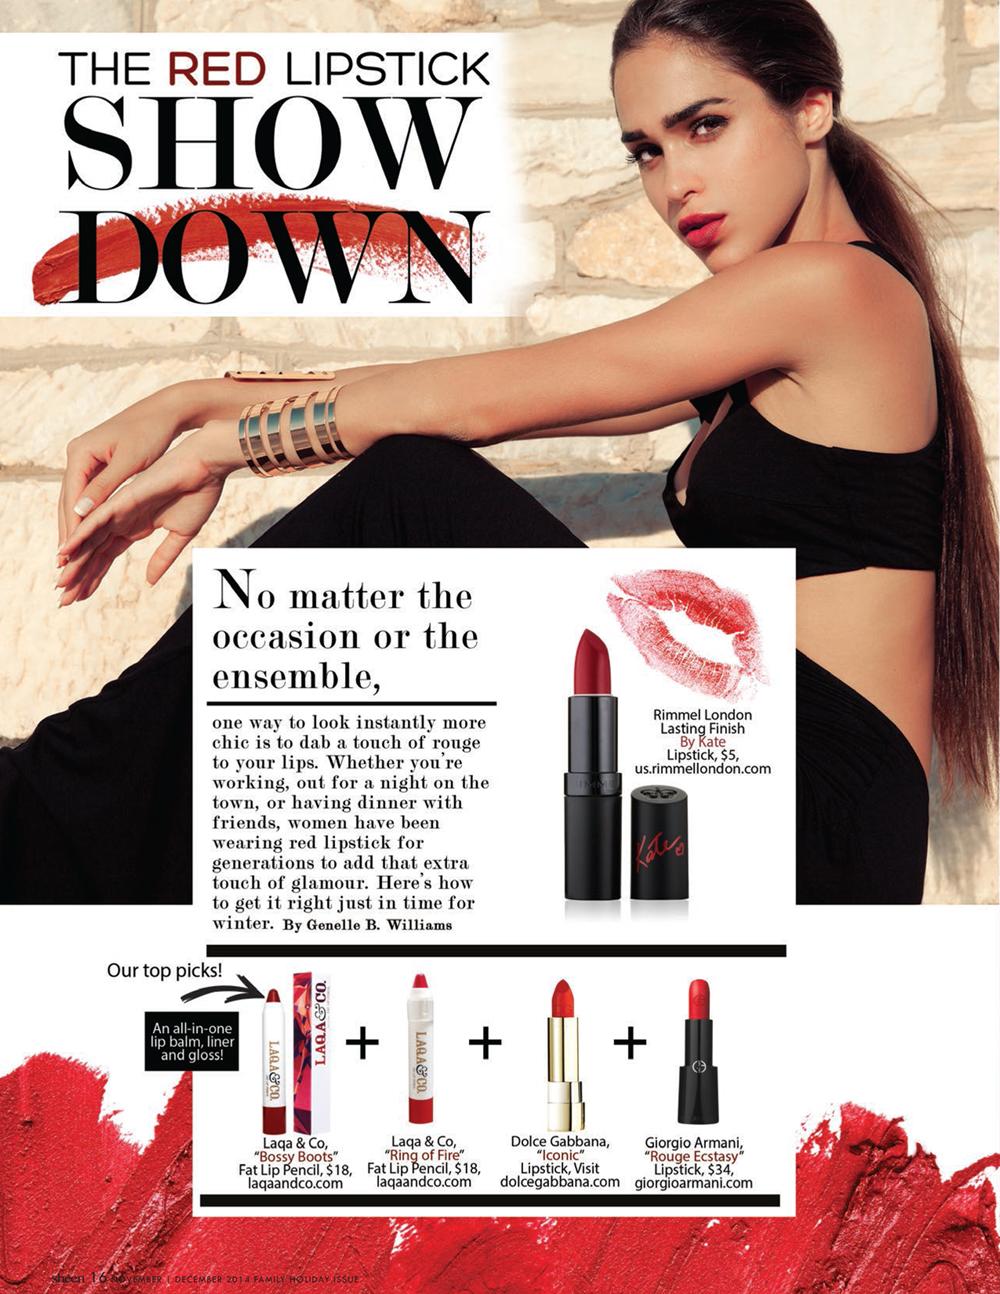 The Red Lipstick Show Down   Dolce Gabbana   Rimmel London   Giorgio Armani   LAQA & Co.